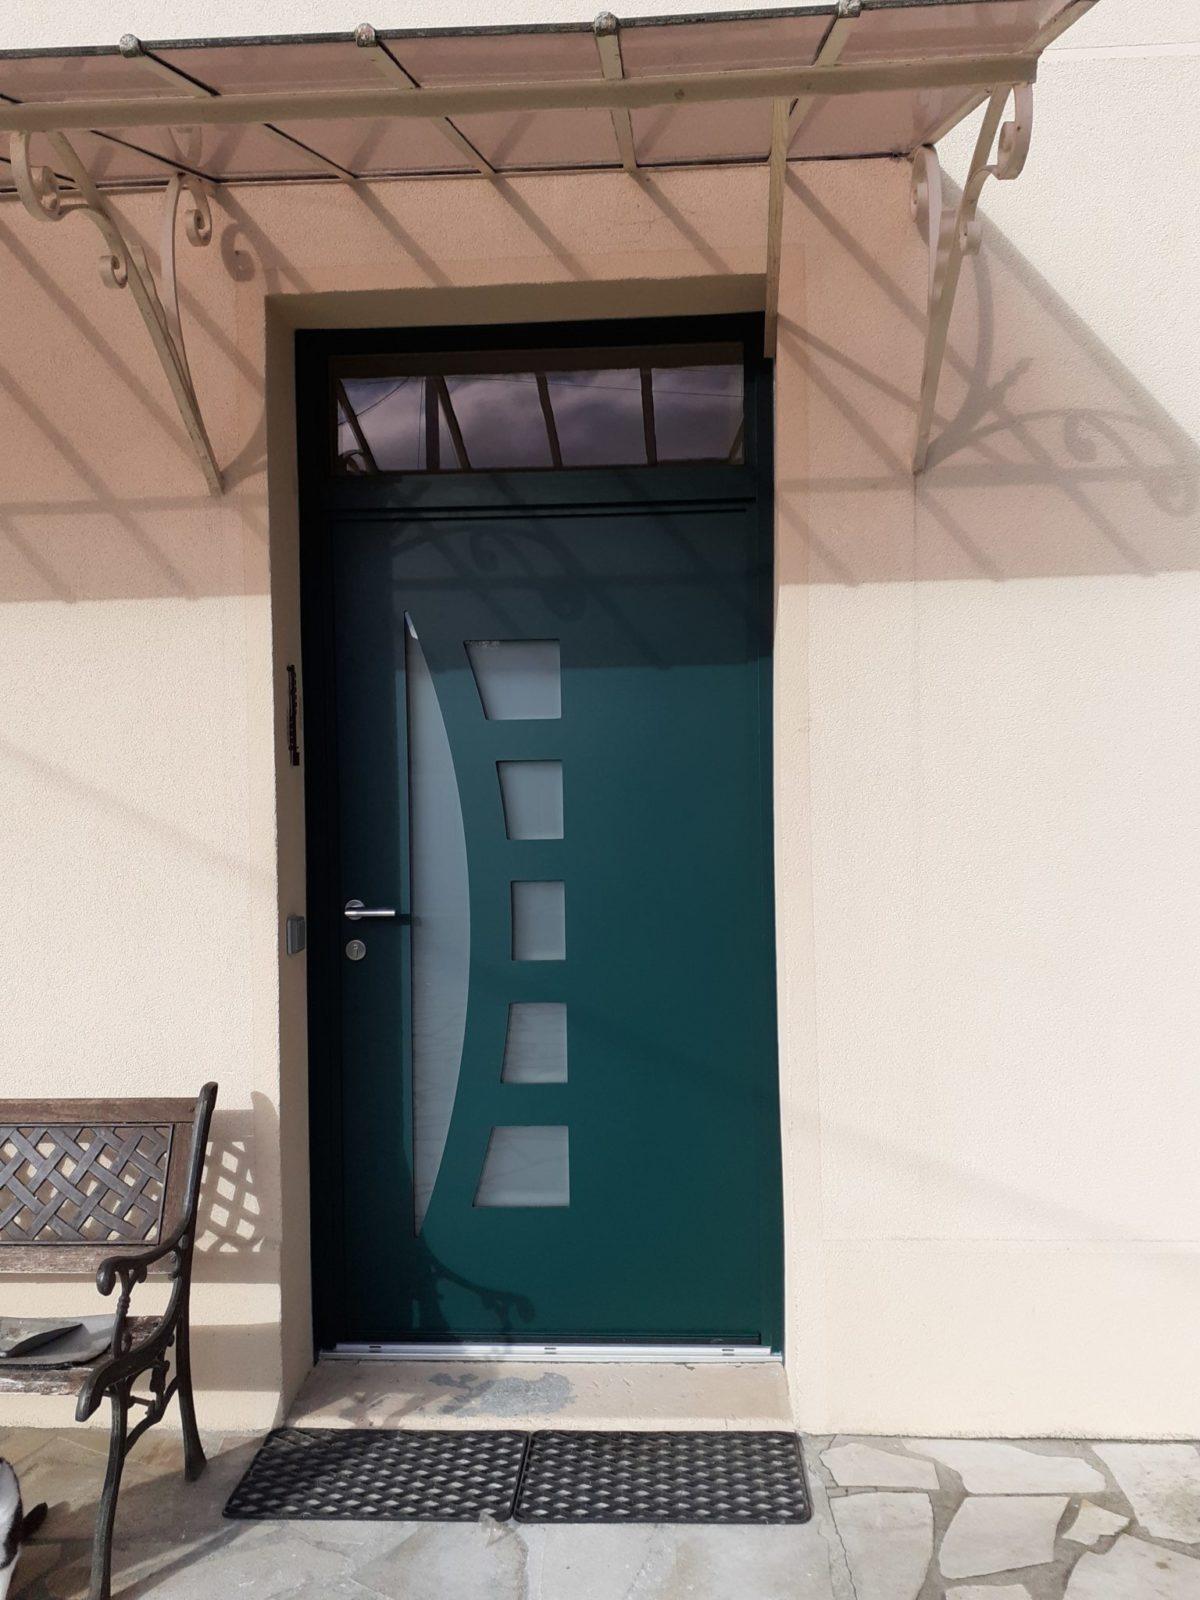 Porte d'entrée mixte bois-alu posée par Weisz, 0rly